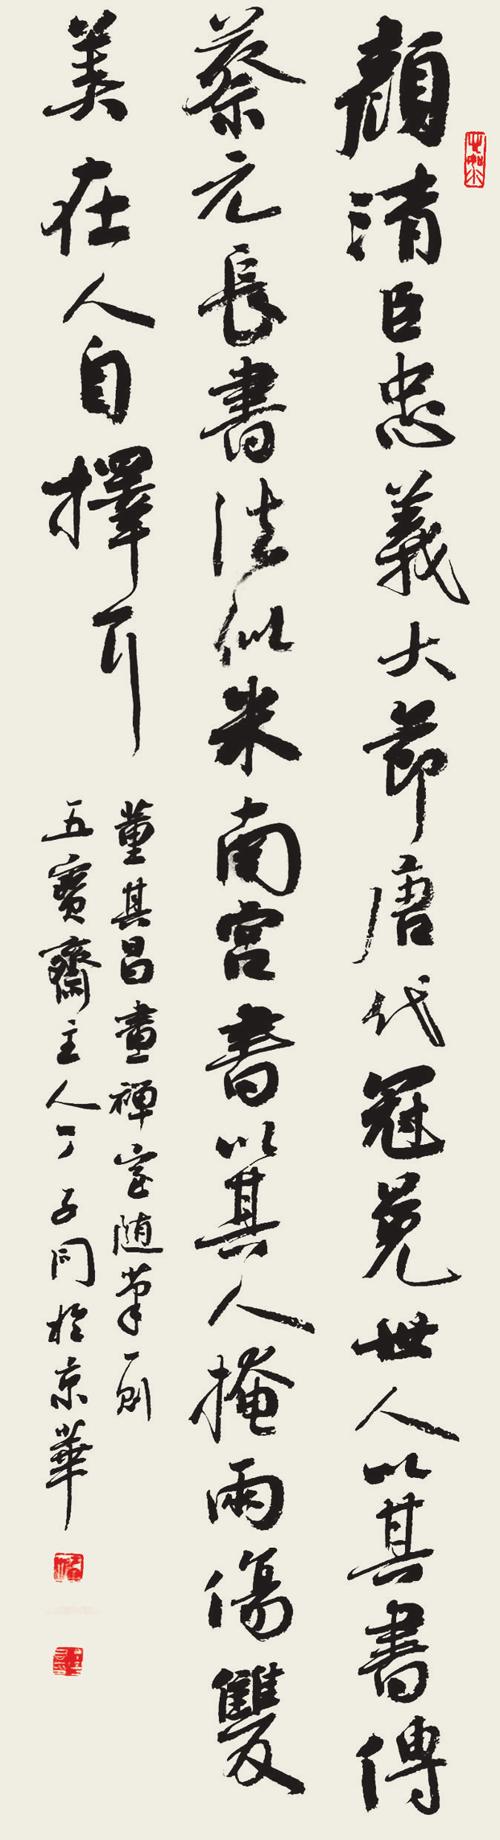 丁子同根据颜真卿《祭侄文稿》风格创作的作品 行书董其昌《画禅室随笔》一则条幅.png